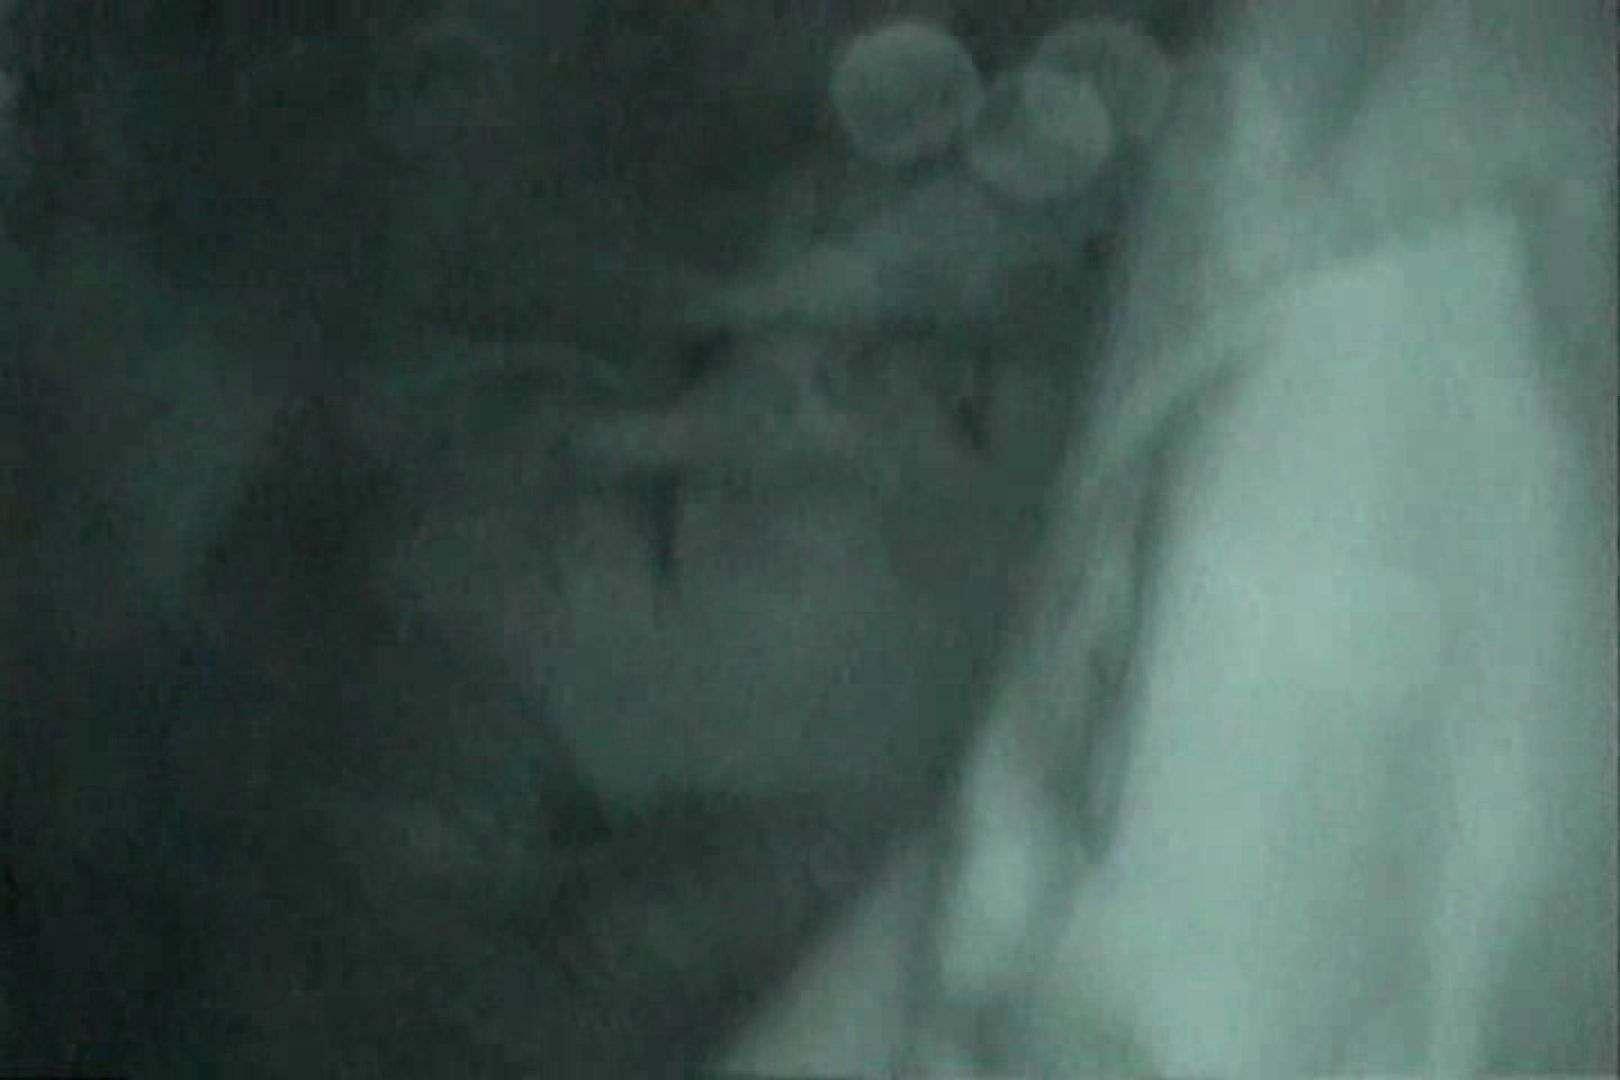 充血監督の深夜の運動会Vol.128 カーセックス AV無料動画キャプチャ 85画像 5